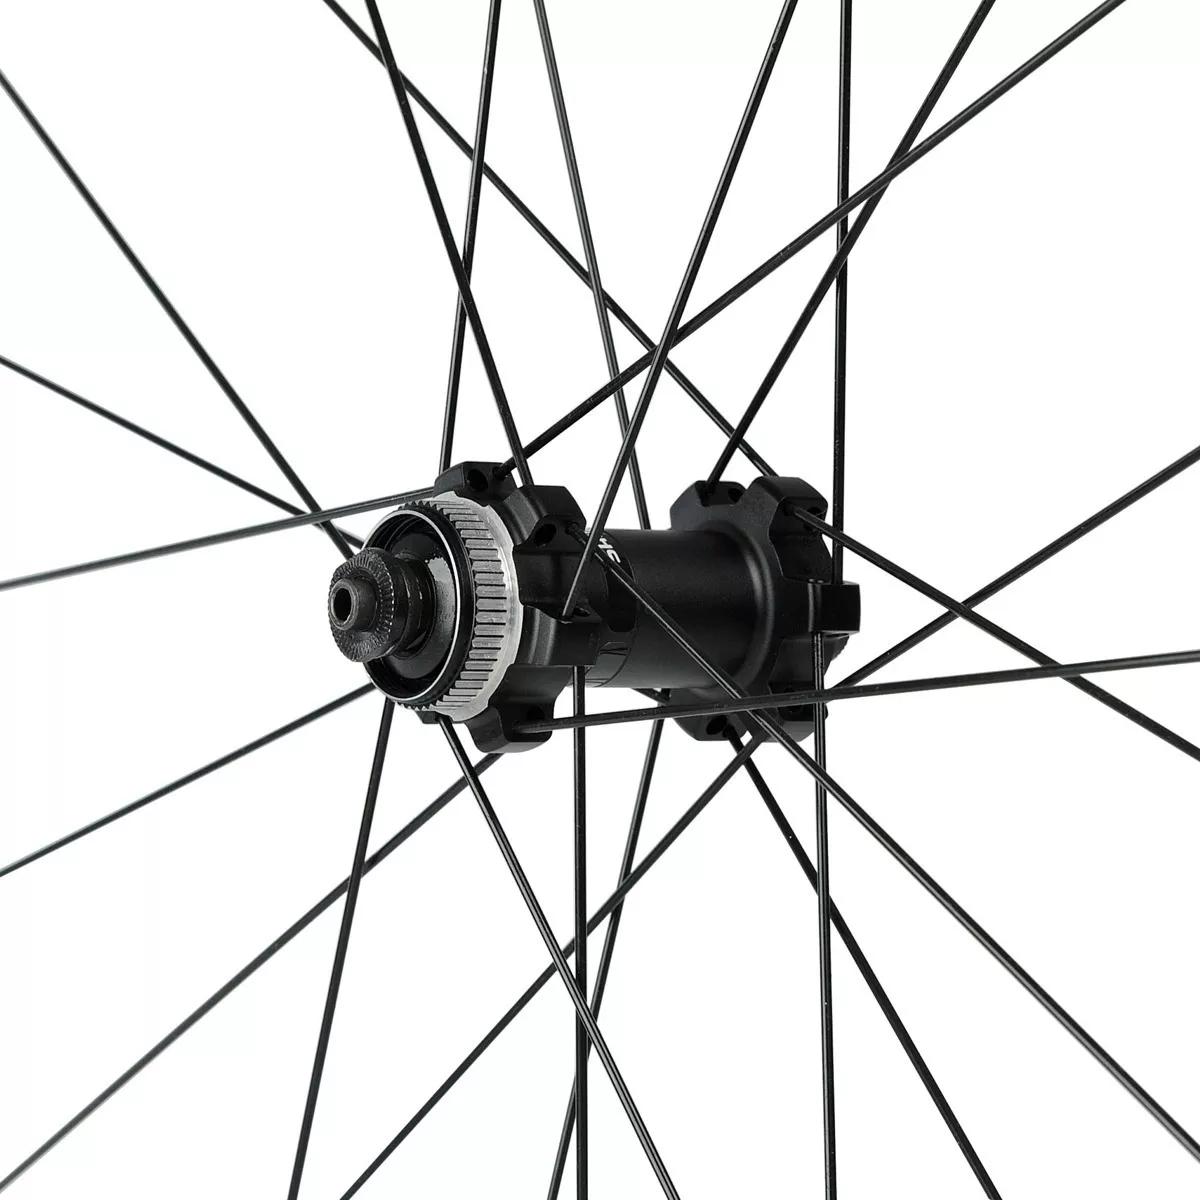 Raio para Roda Shimano Mt55 29 Dianteiro 301mm